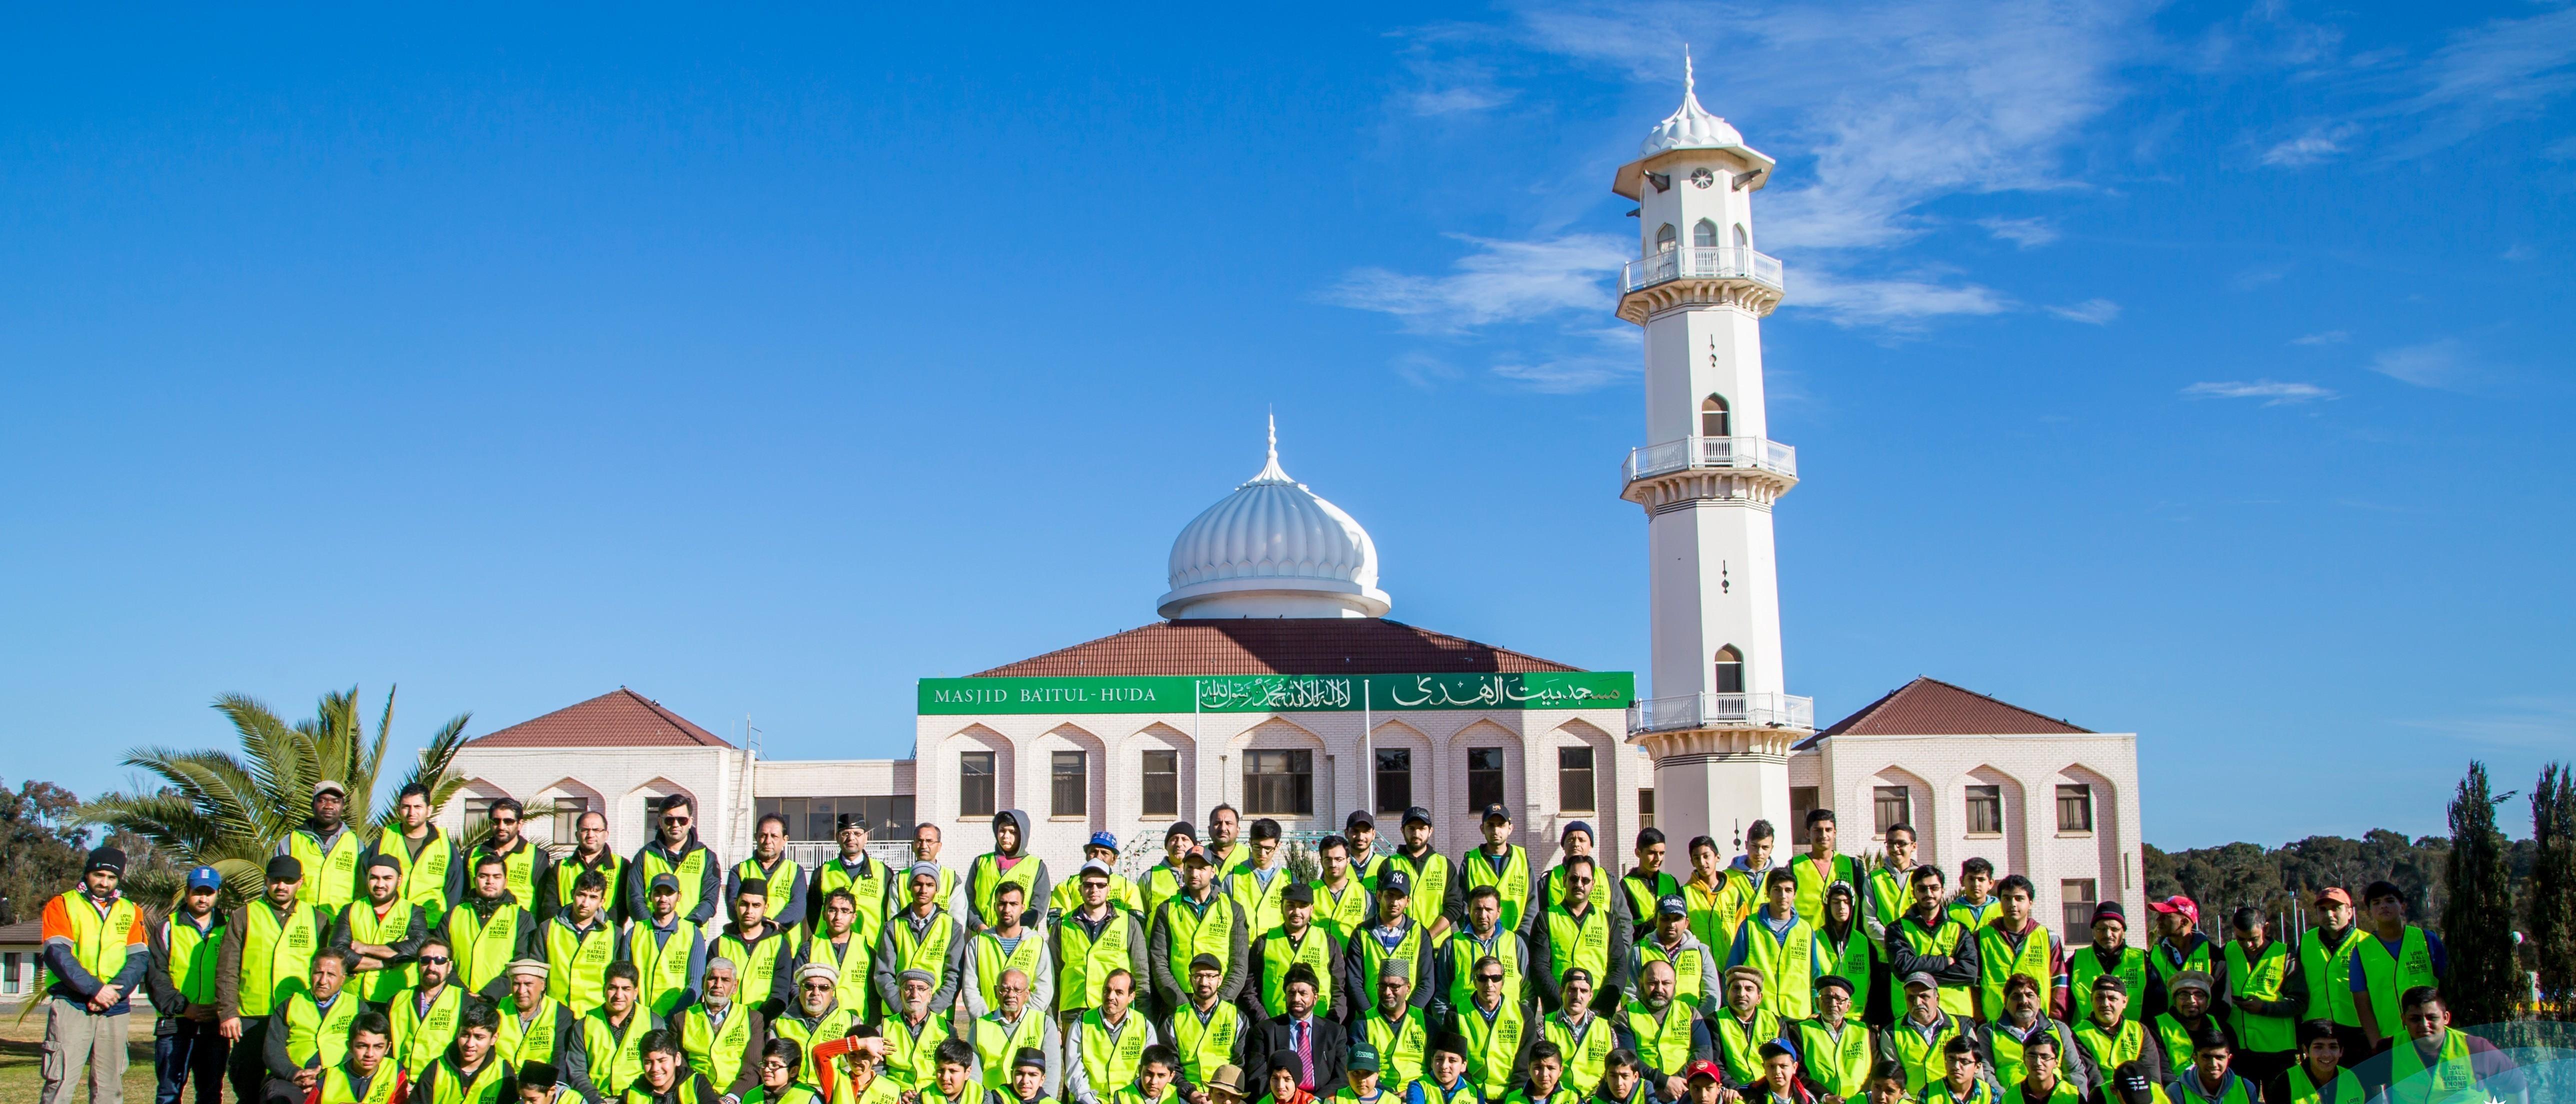 Ahmadi Muslims TAS - Soundy Park